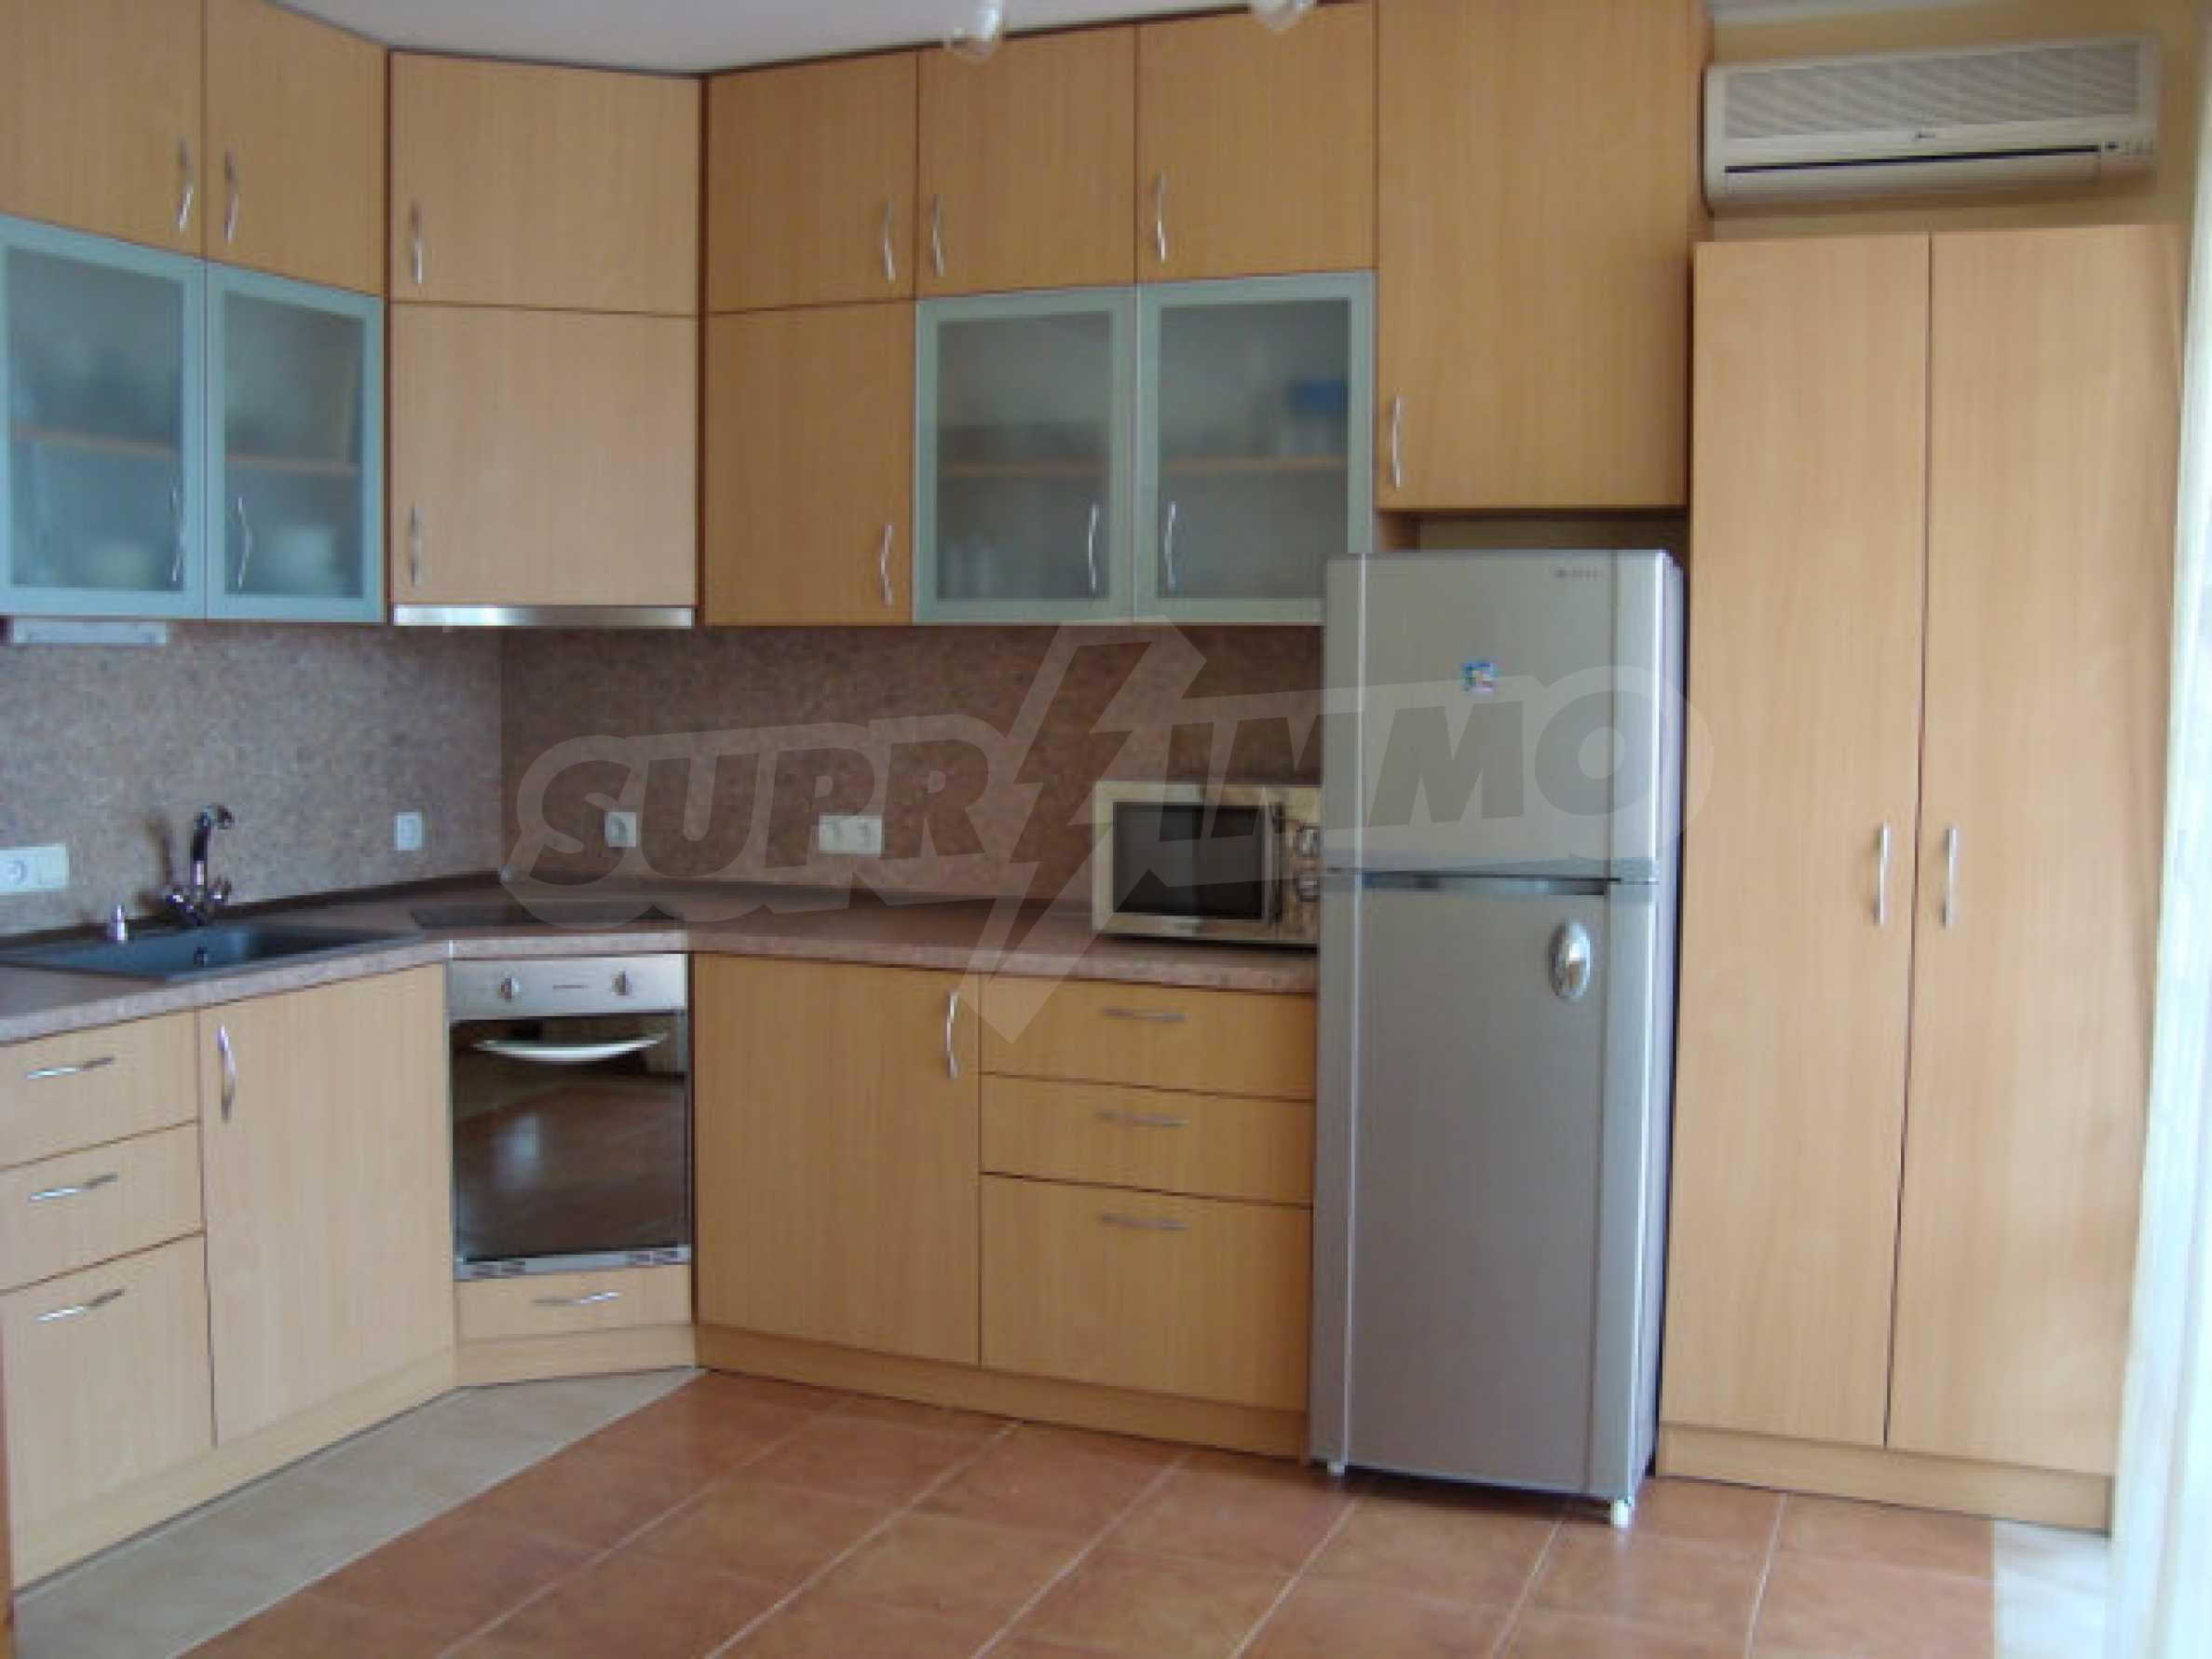 Zwei-Zimmer-Wohnung in Saint Nicholas Komplex in Chernomorets 4